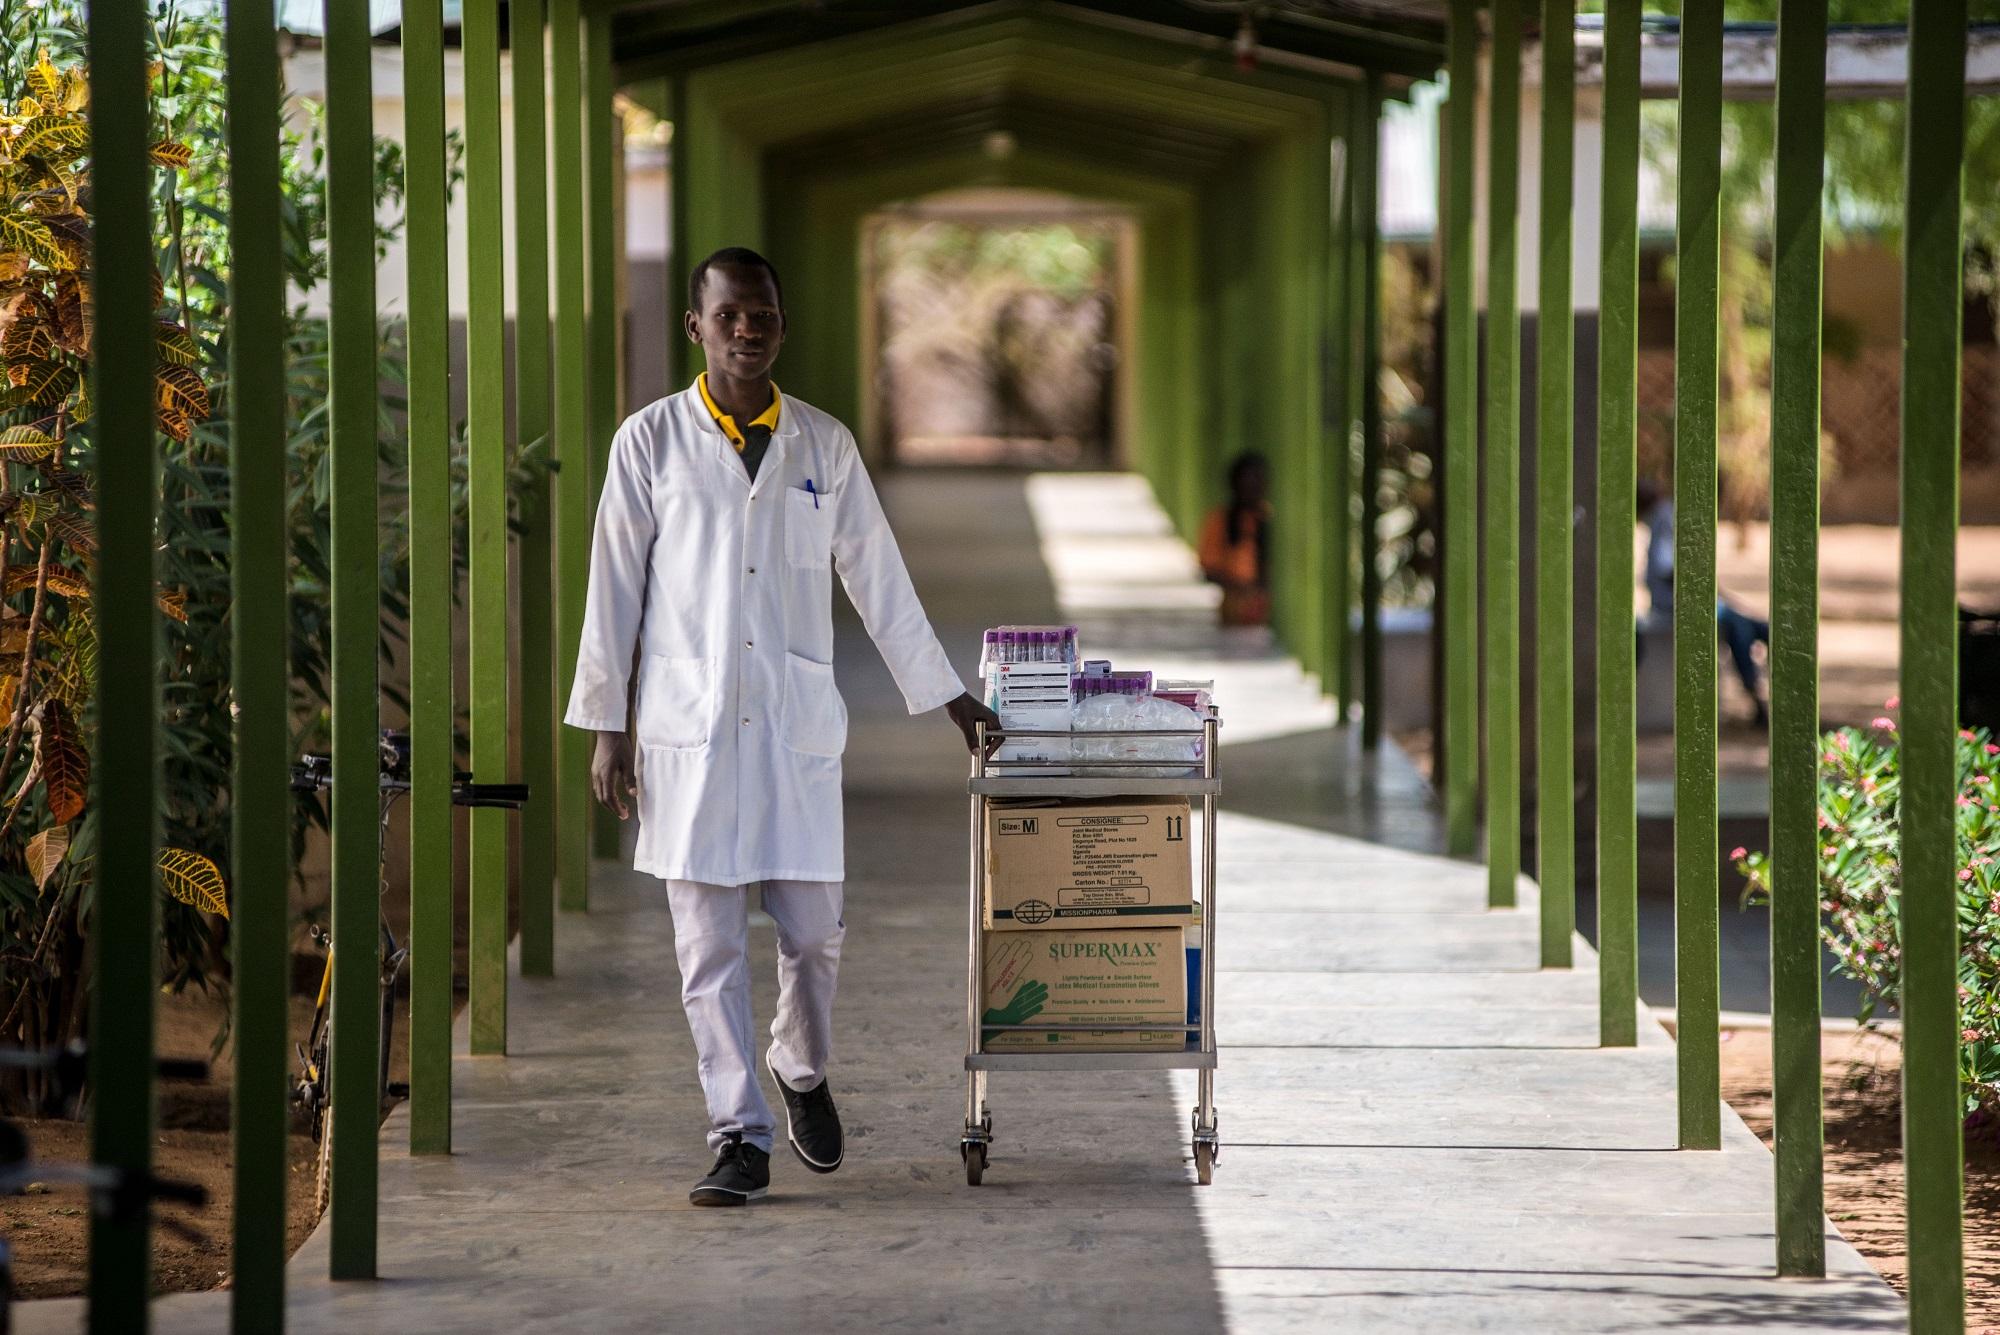 A member of staff pushes a medical trolley between wards at the Matany hospital in Karamoja, Uganda.